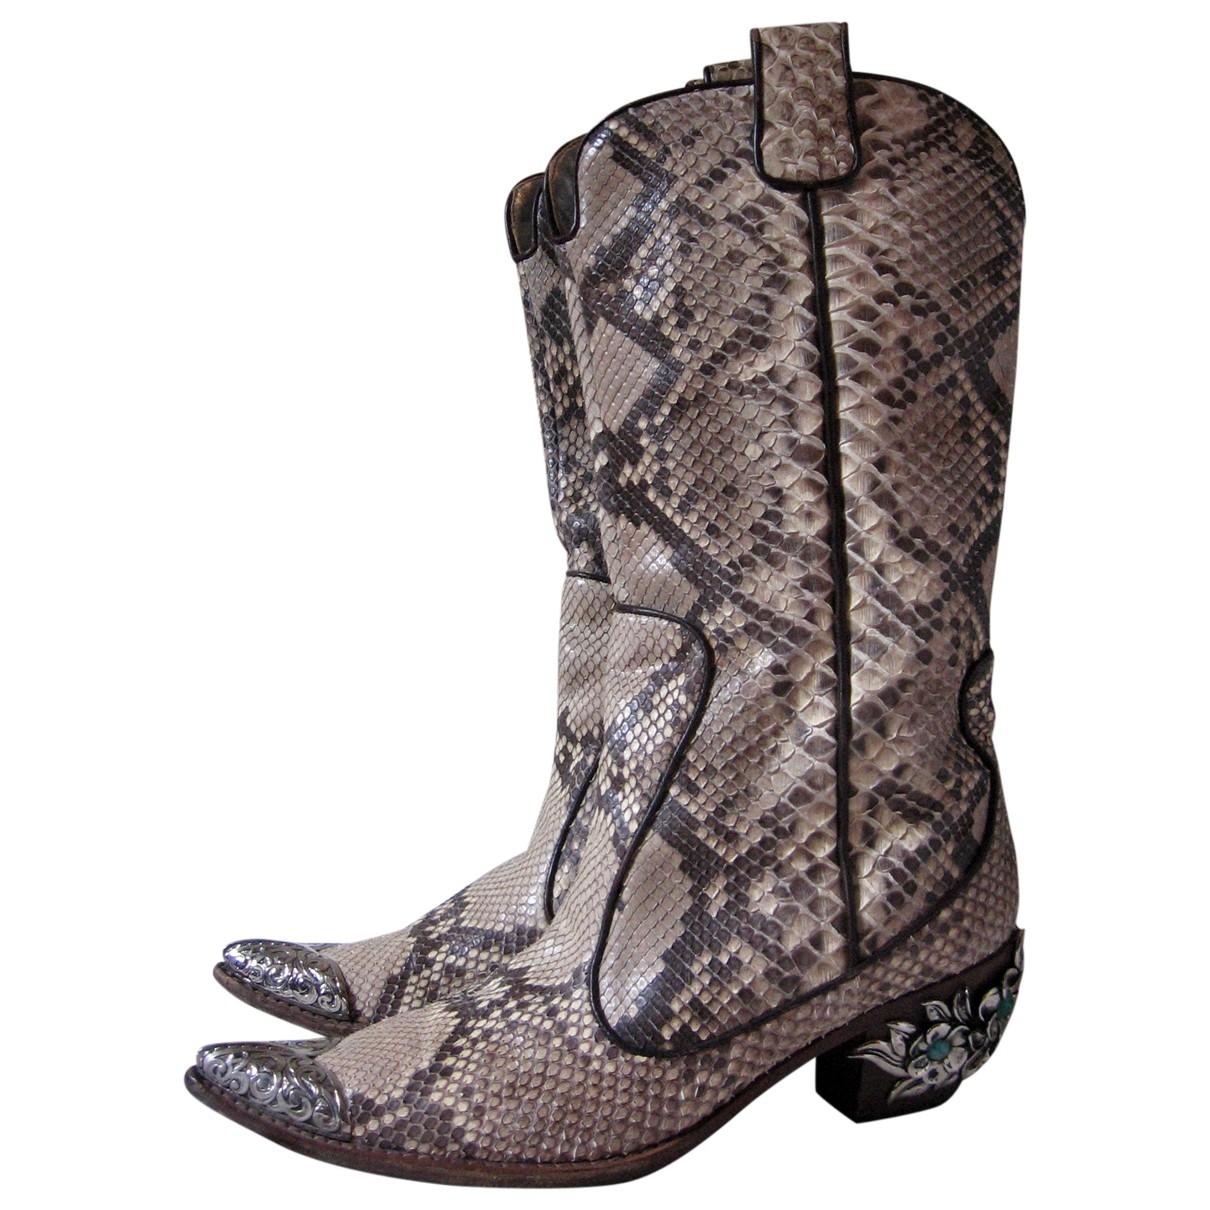 Giuseppe Zanotti - Boots   pour femme en cuir exotique - marron